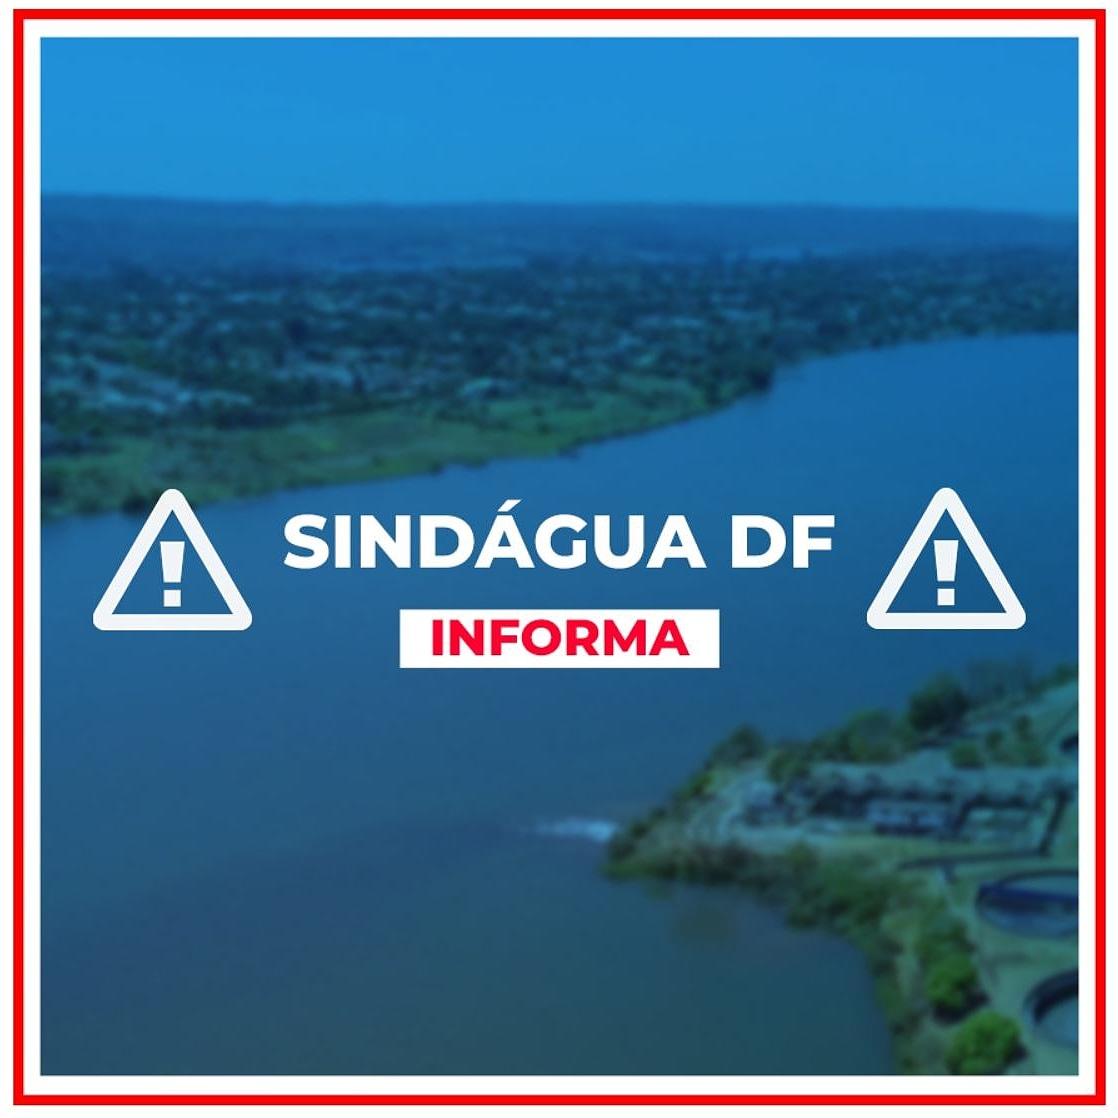 SINDÁGUA-DF INFORMA 15/04: ASSINATURA DE ACT 2021-2023